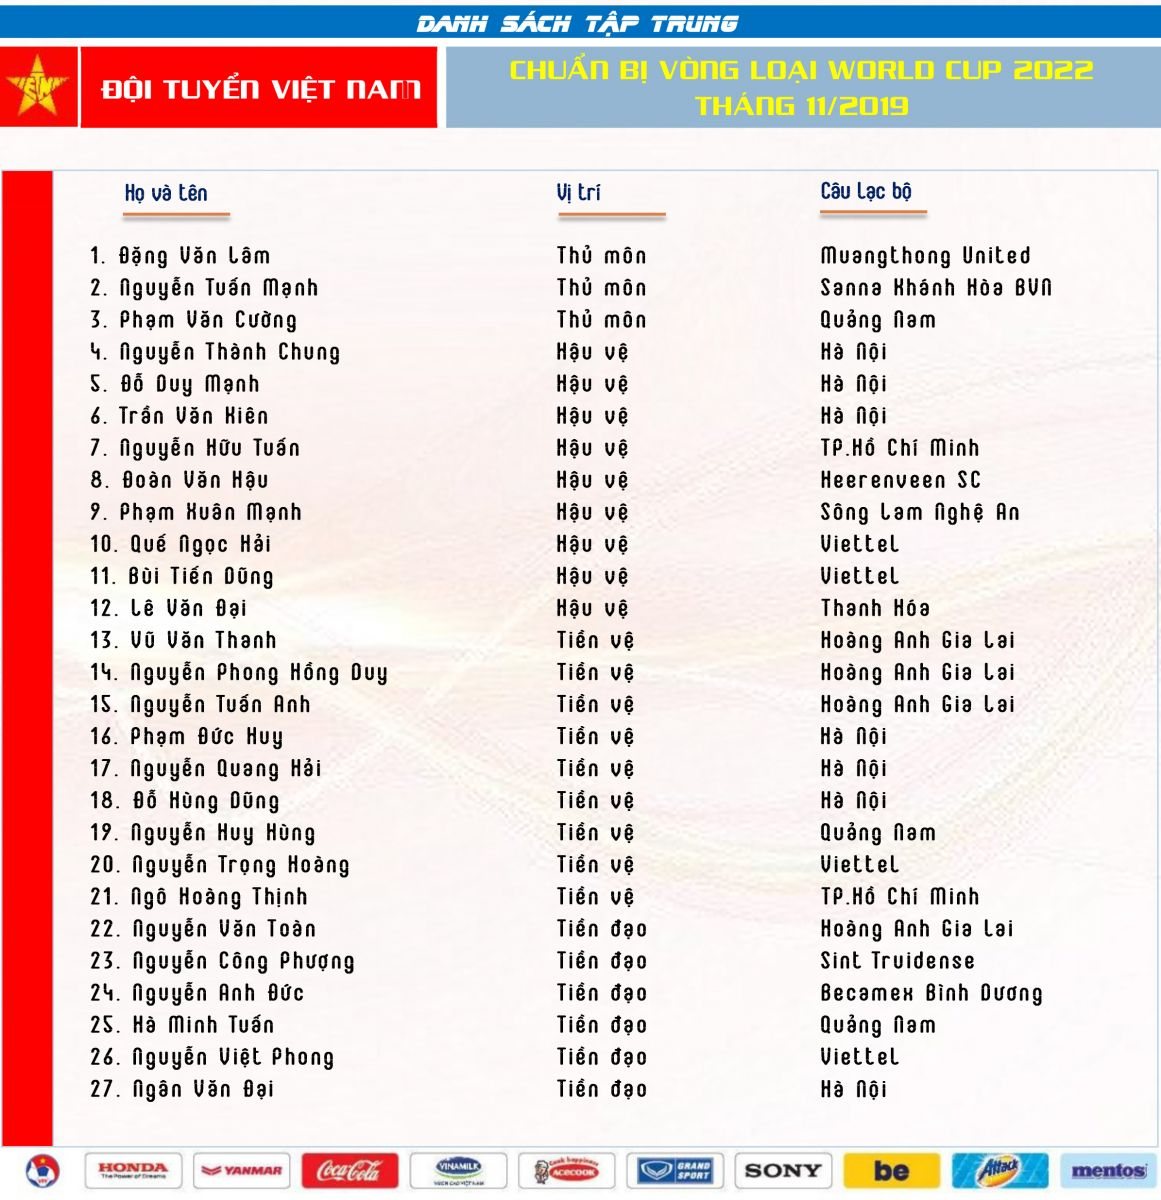 """Tin tức thể thao mới nóng nhất ngày 25/10/2019: Báo Thái """"gây nhiễu"""" trước trận đối đầu với Việt Nam? - Ảnh 3"""